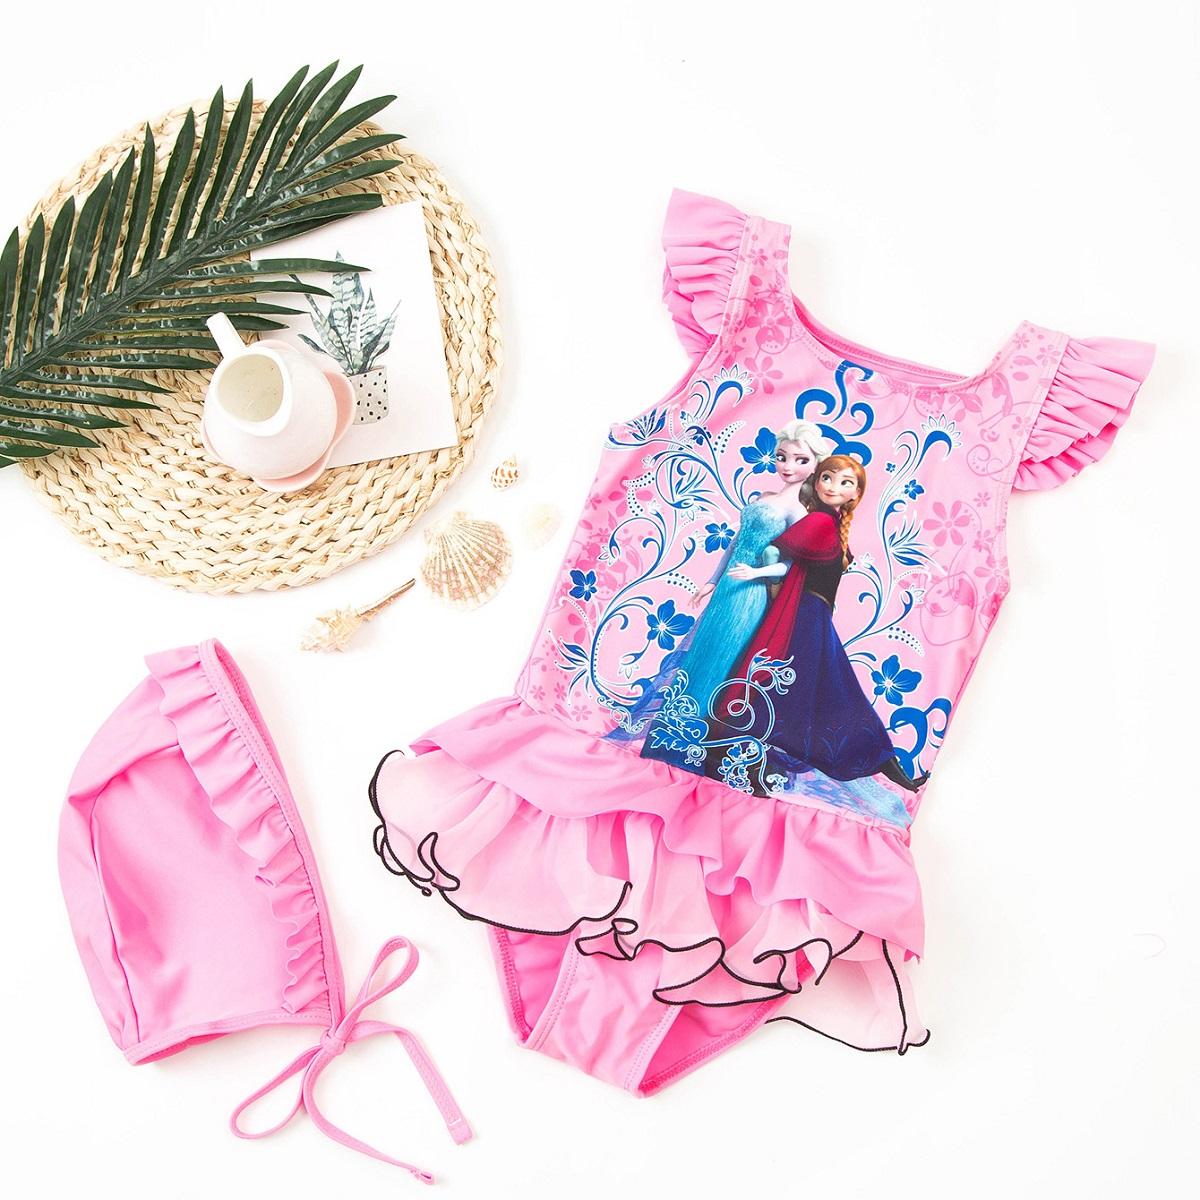 Bộ đồ bơi một mảnh hoạ tiết công chúa kèm nón cho bé gái DBBG36